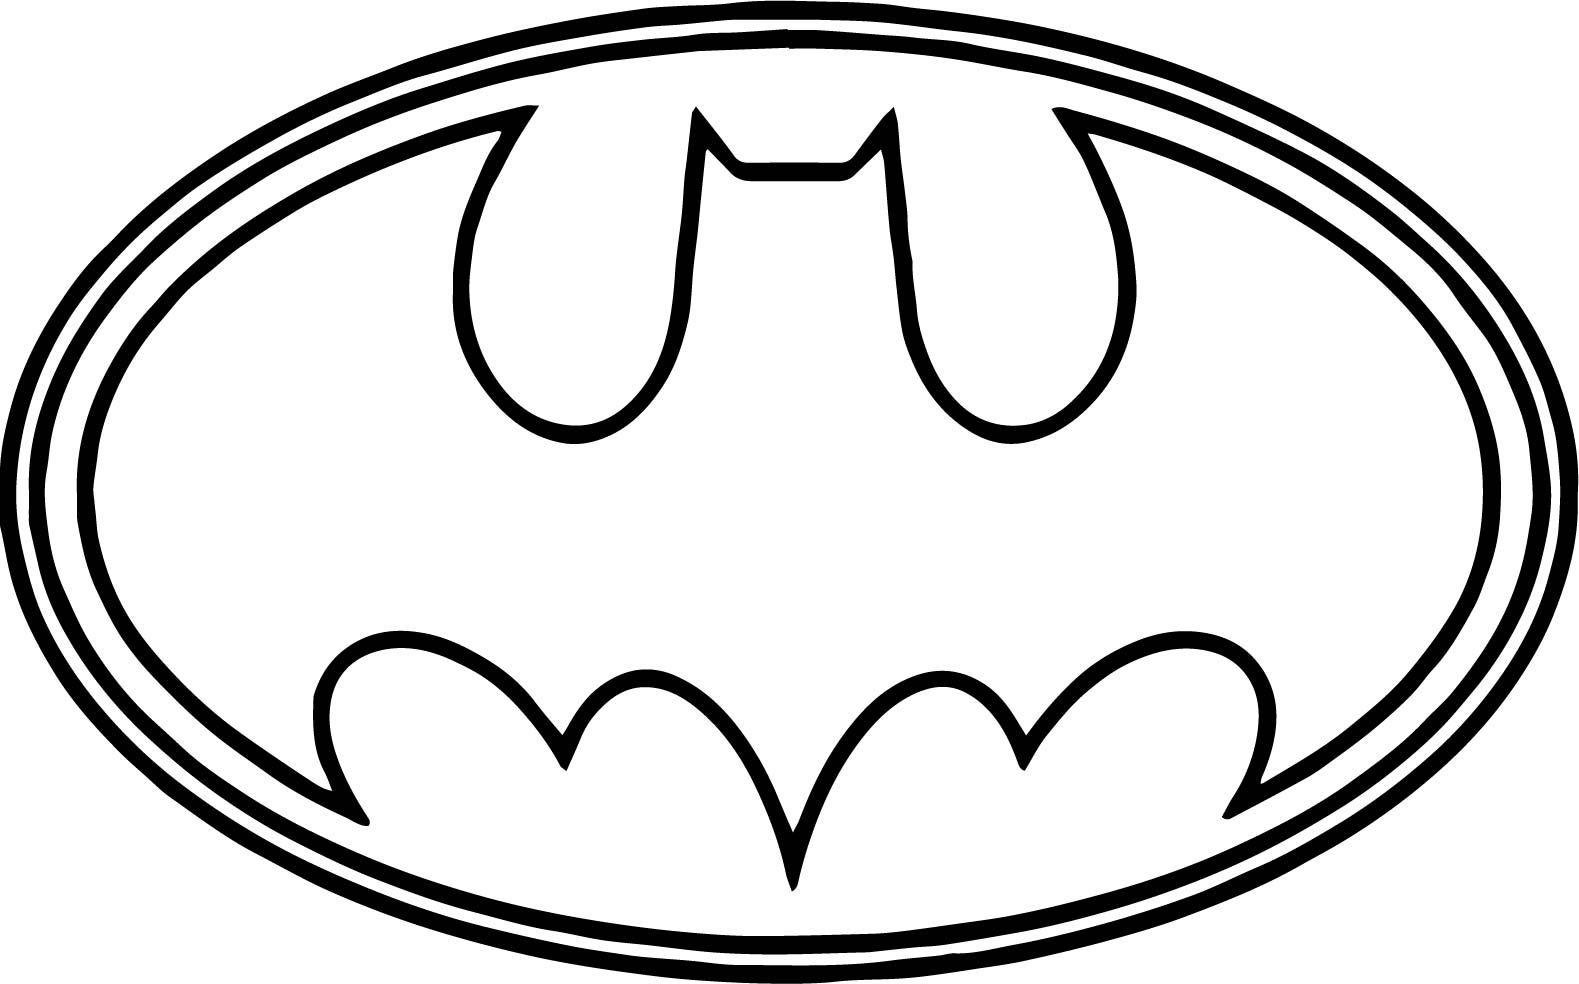 Nice Batman Logo Outline Coloring Page Batman Coloring Pages Coloring Pages Superhero Coloring Pages